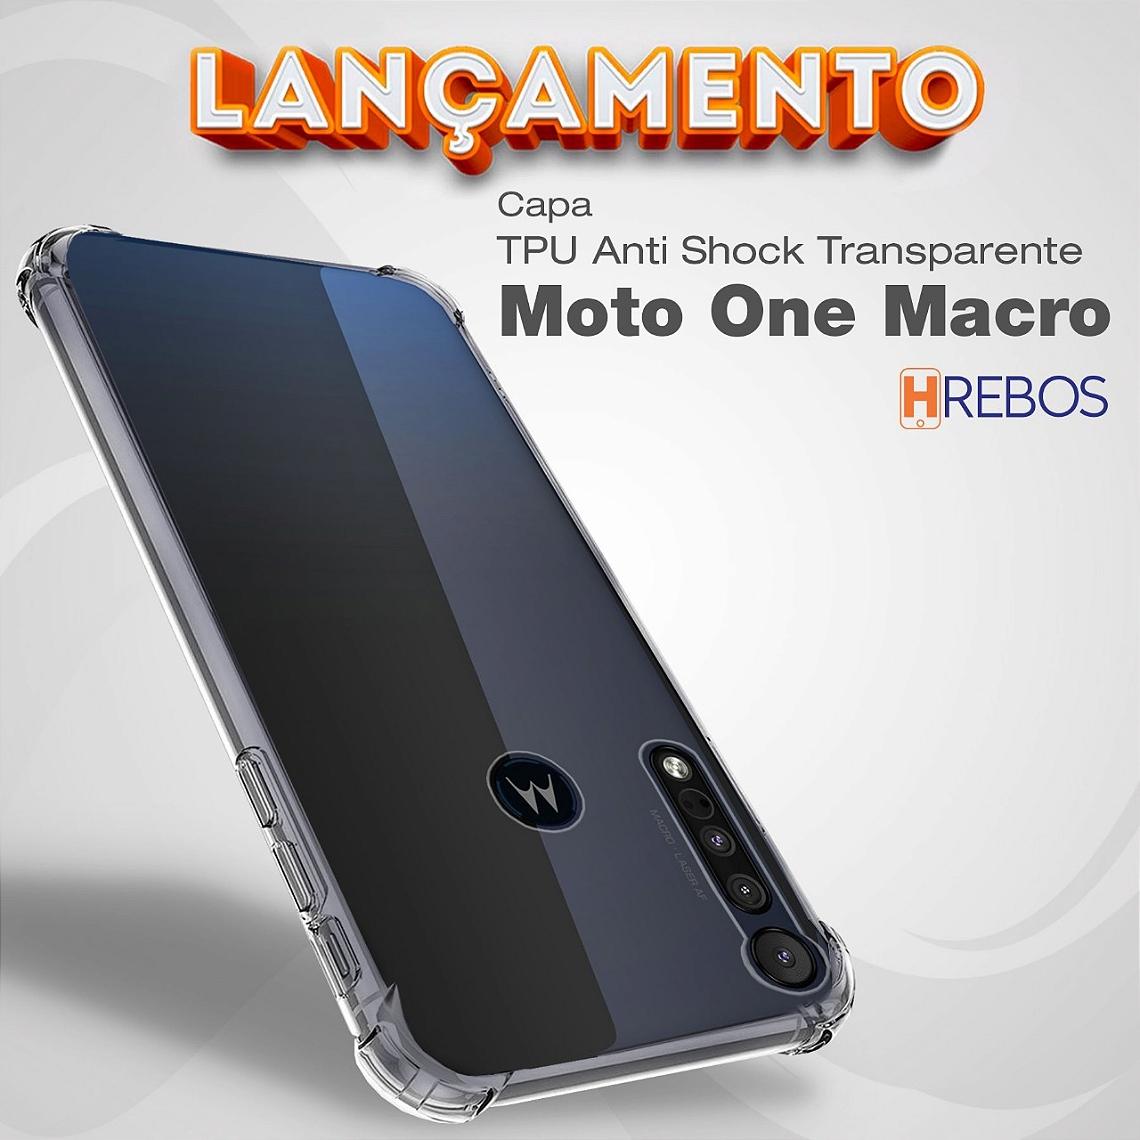 m-banner-one-macro